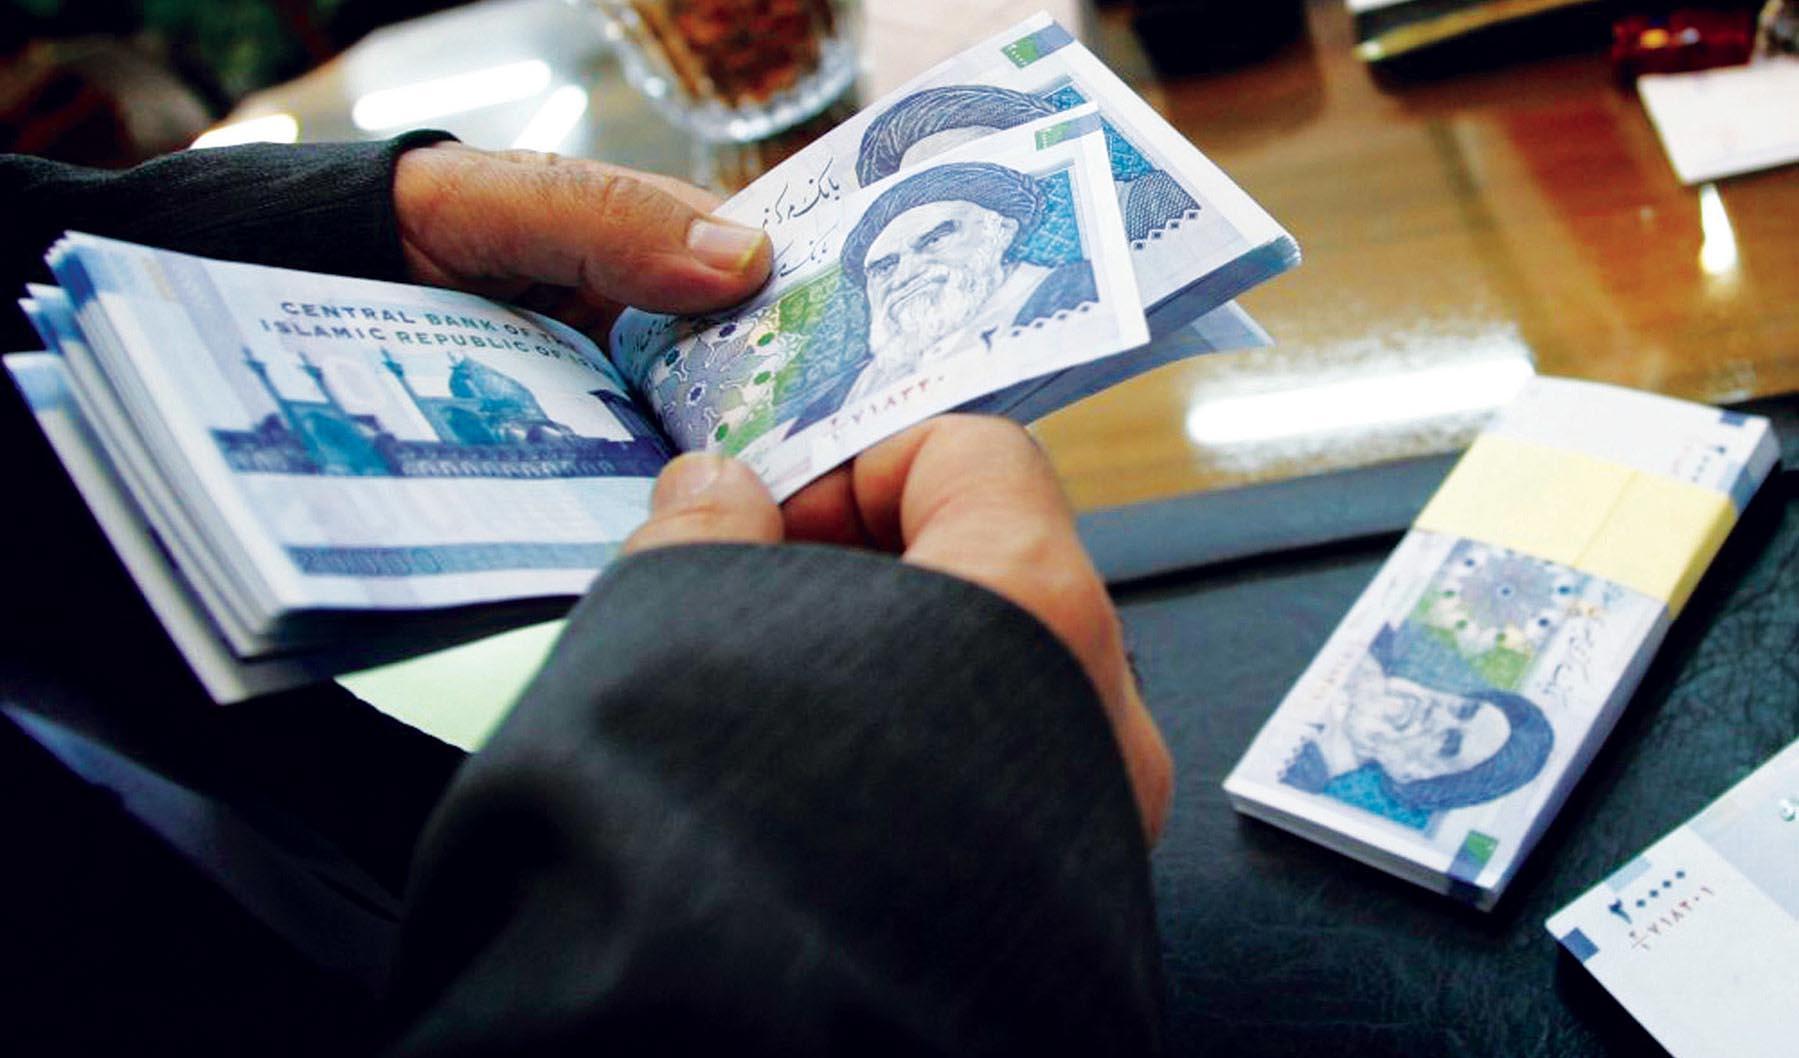 حقوق کارکنان دولت تا 4 میلیون تومان معاف از مالیات میشود